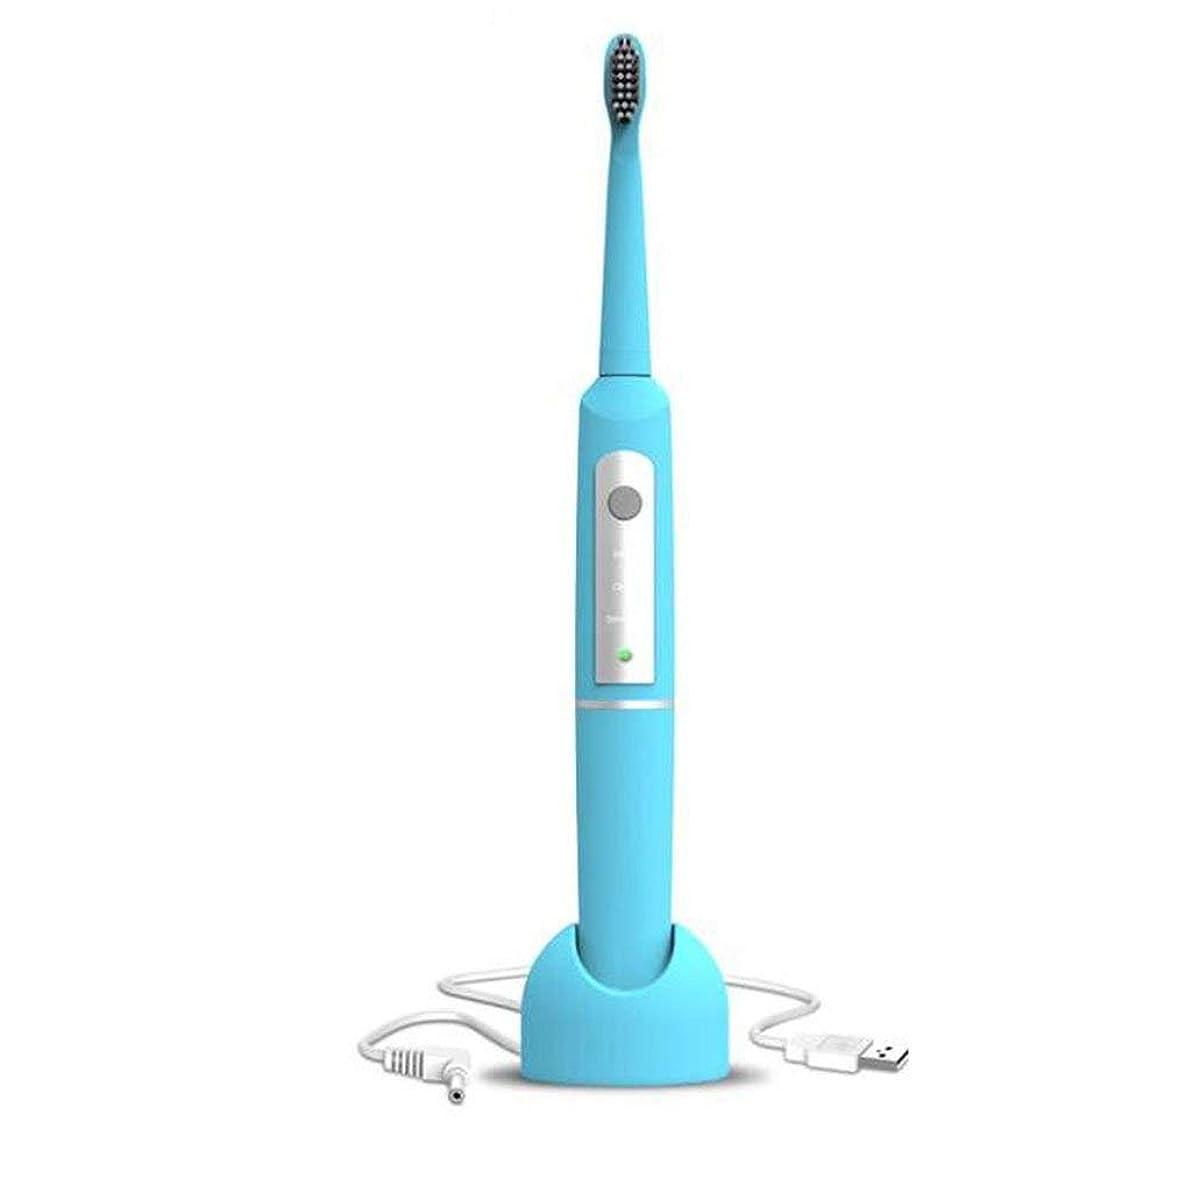 電動大人用歯ブラシ充電式ソニック自動歯ブラシカップル電動歯ブラシ(カラー:ブルー)